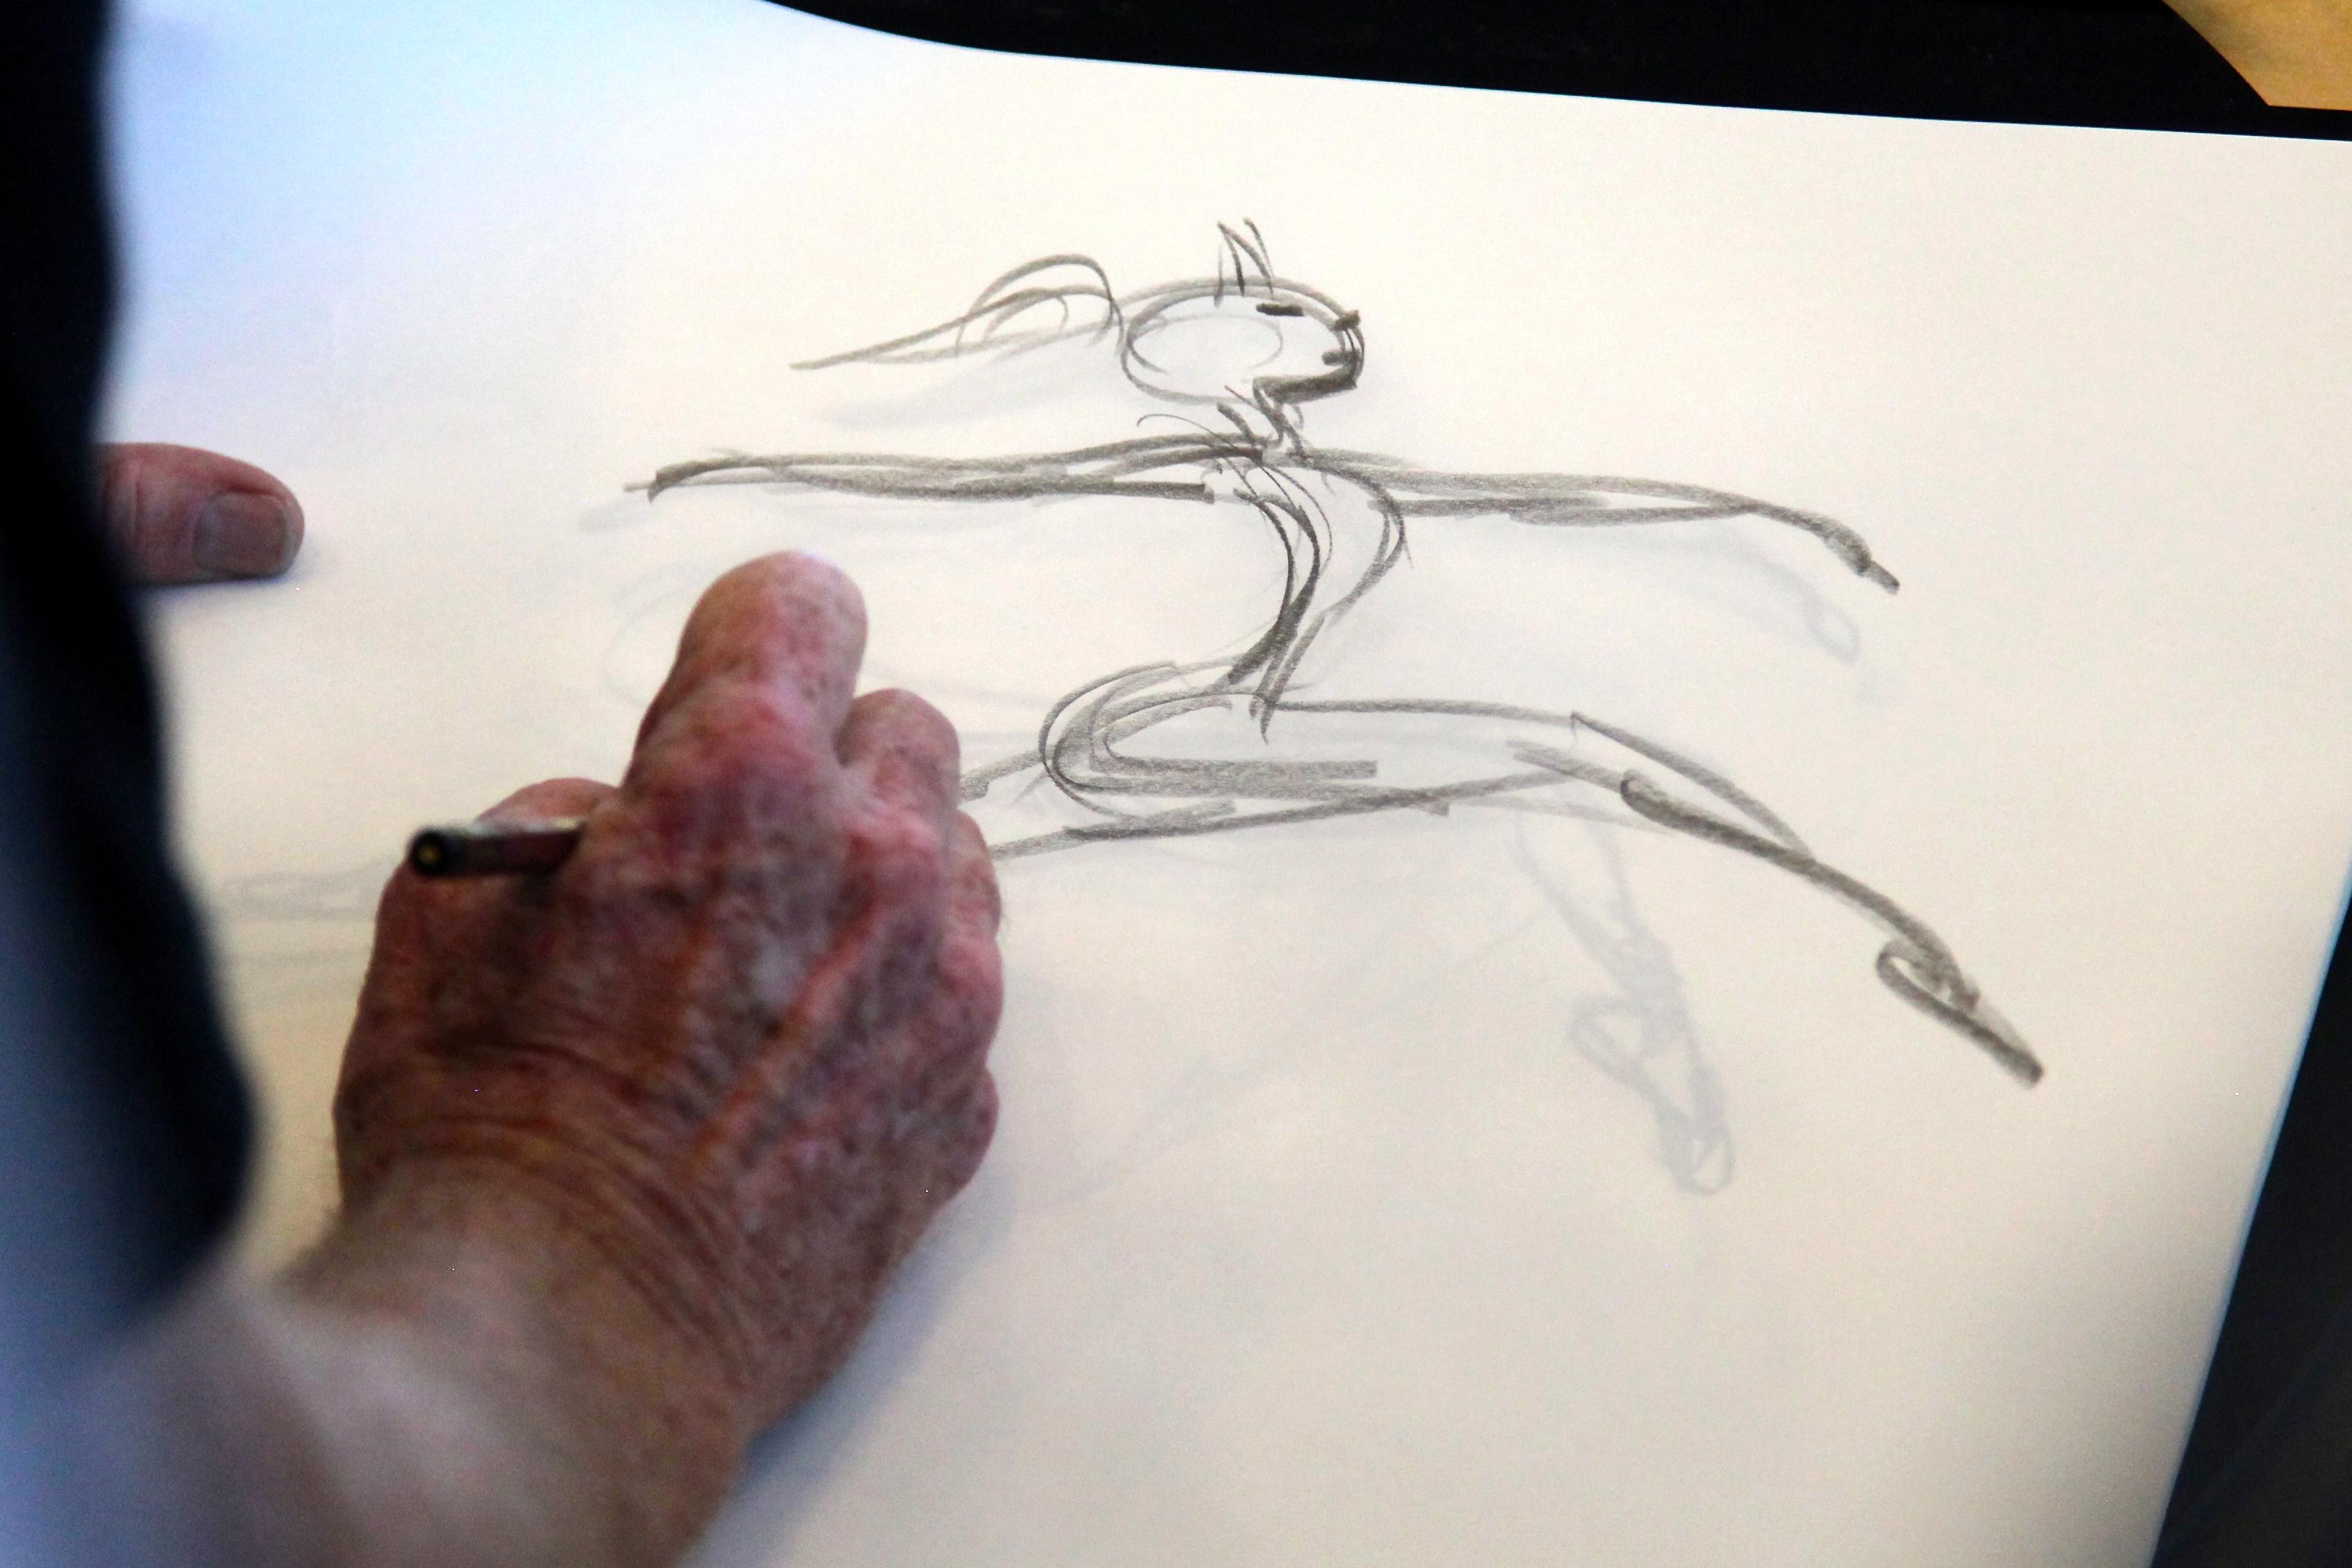 Google I/O animator, author and illustrator Glen Keane